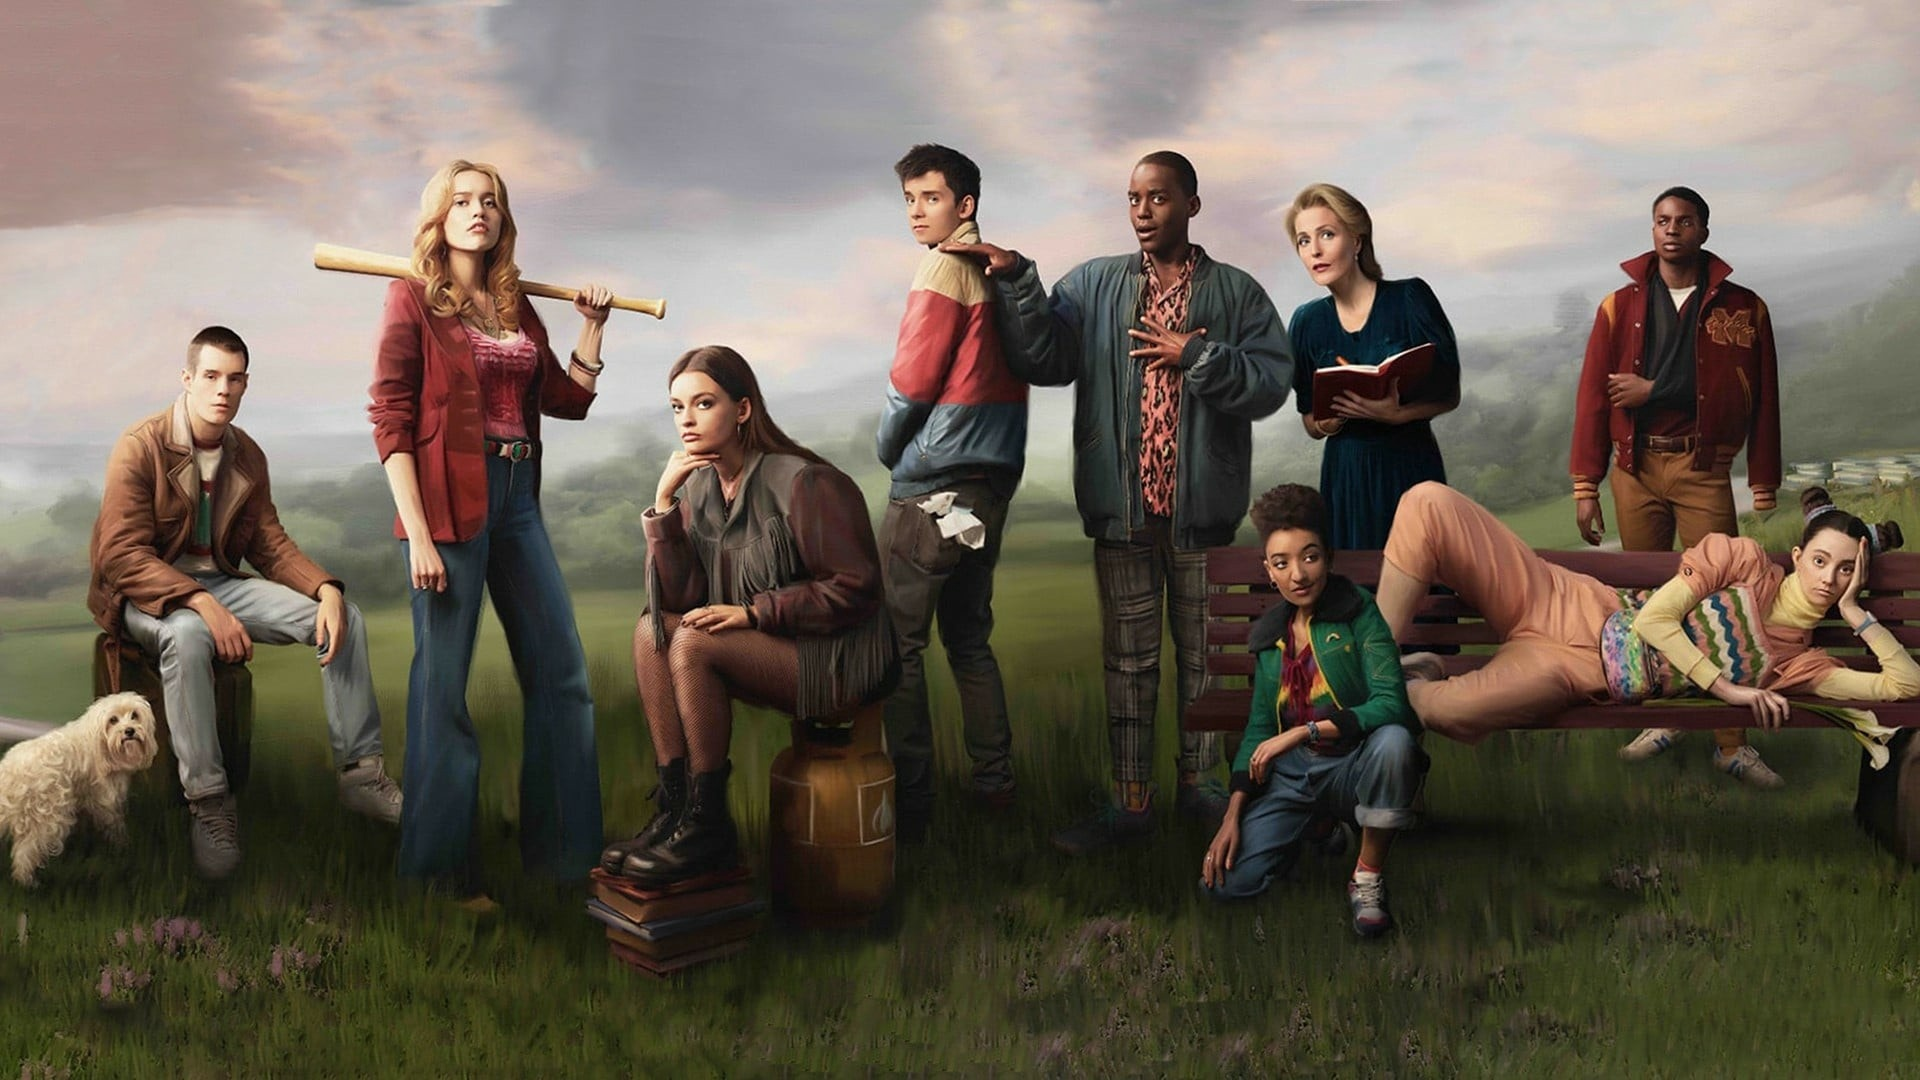 «Половое воспитание» от Netflix продлили на третий сезон